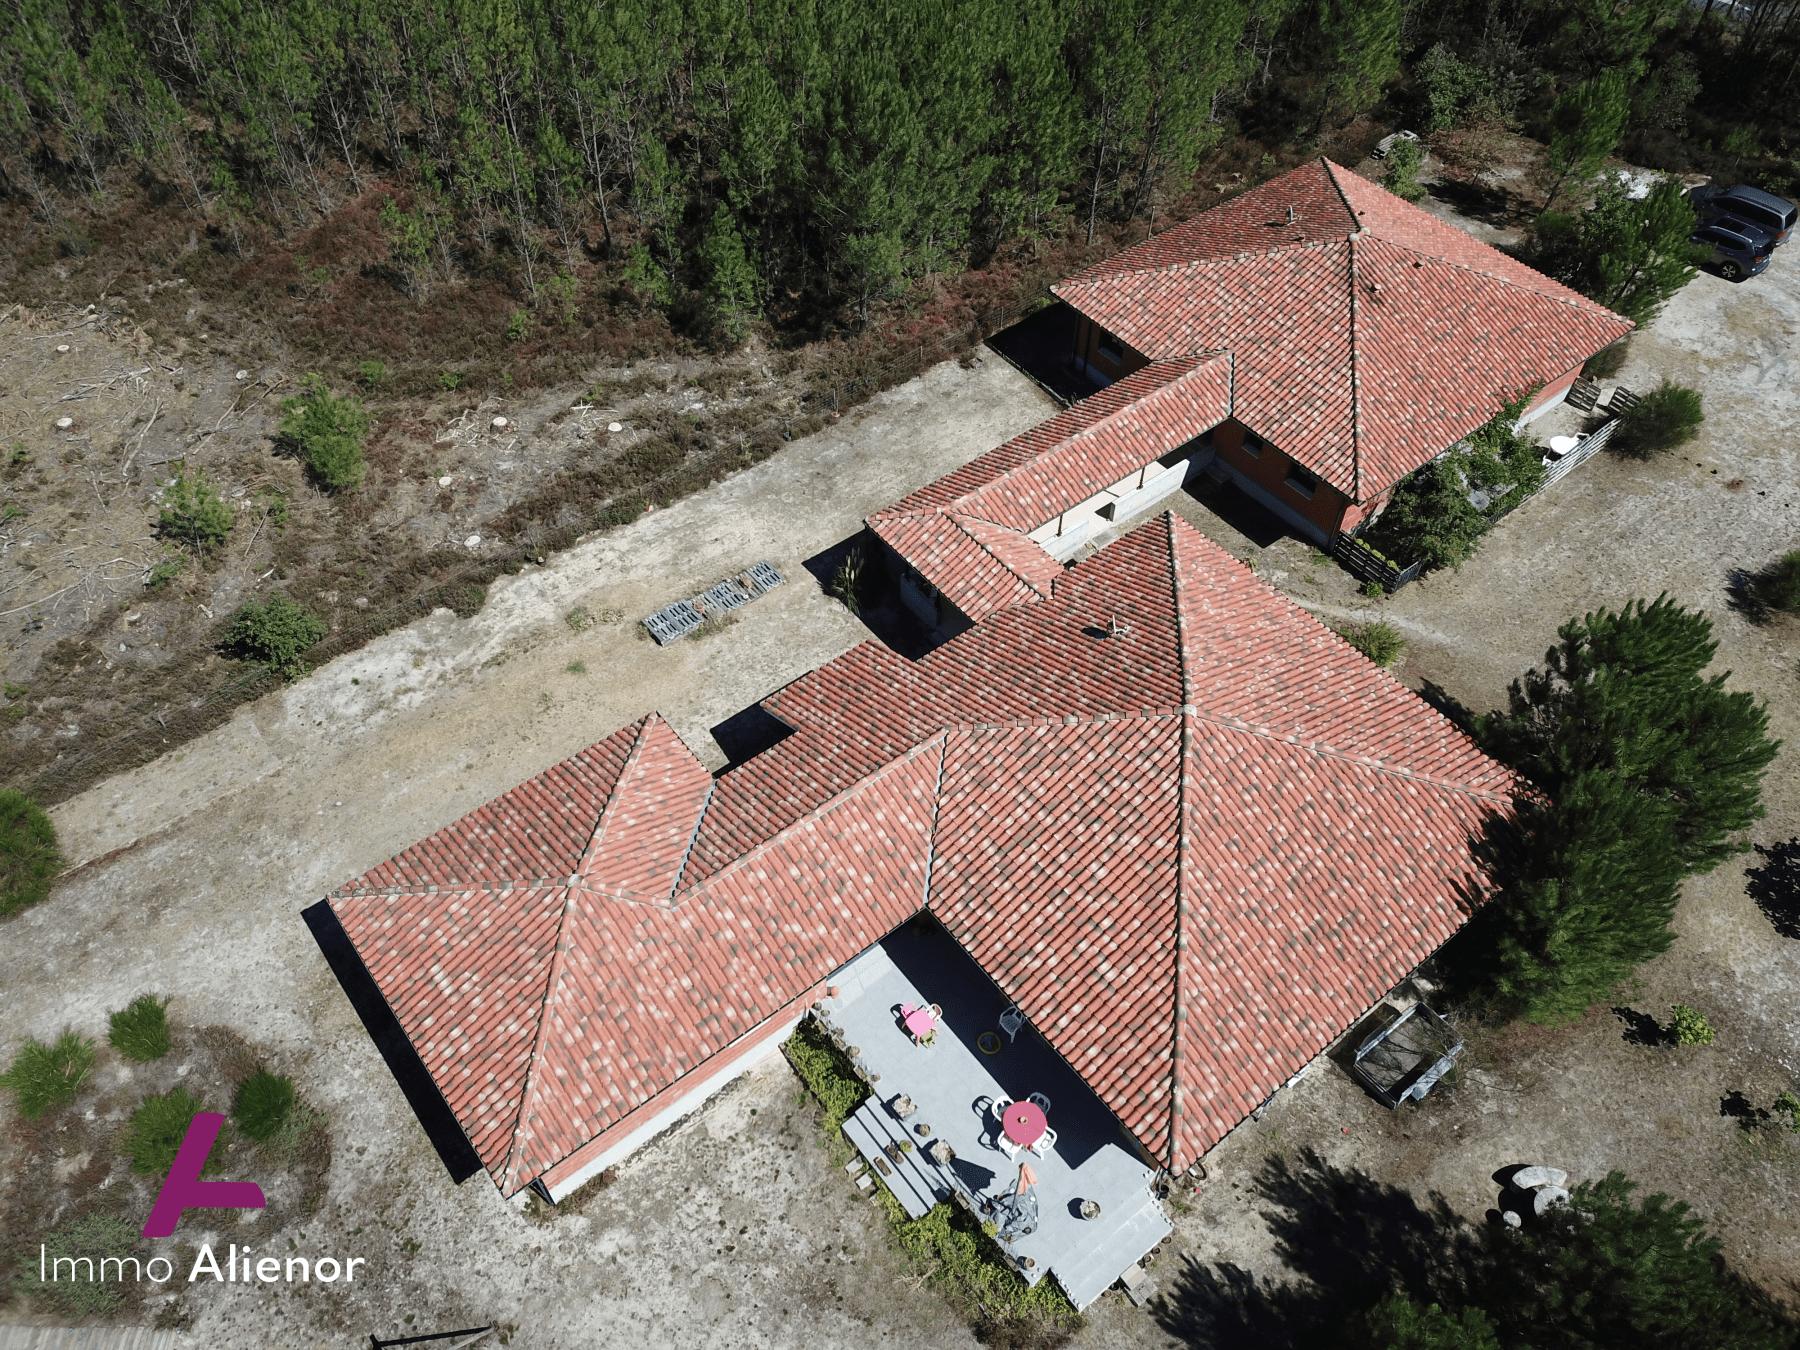 Ensemble immobilier comprenant une maison et 4 appartements à Lugos